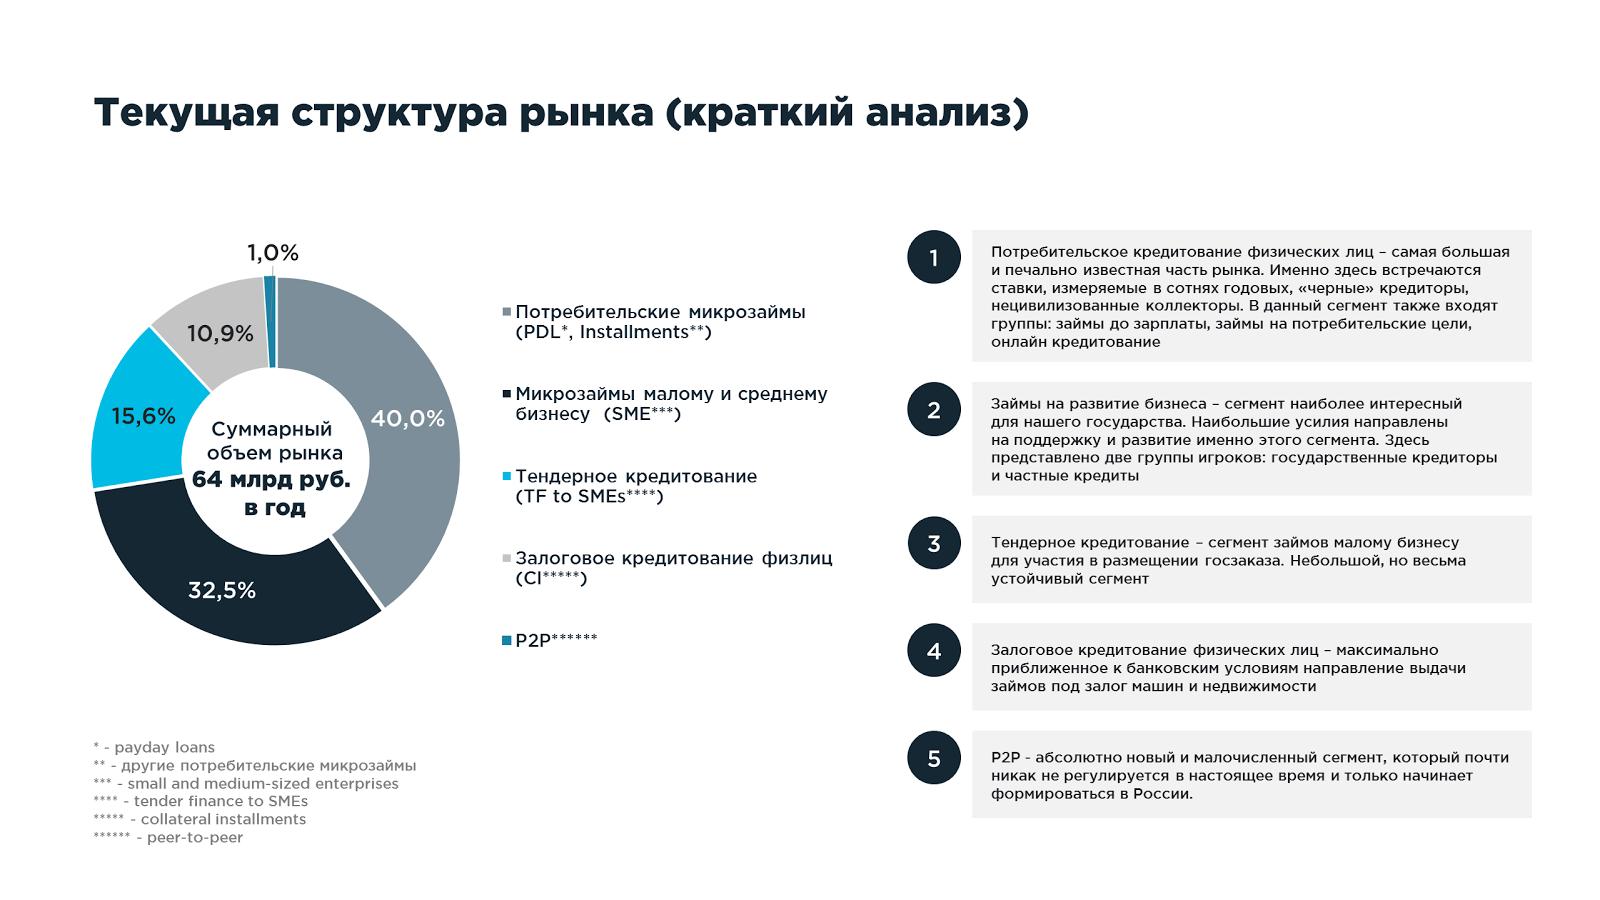 Структура рынка кредитования